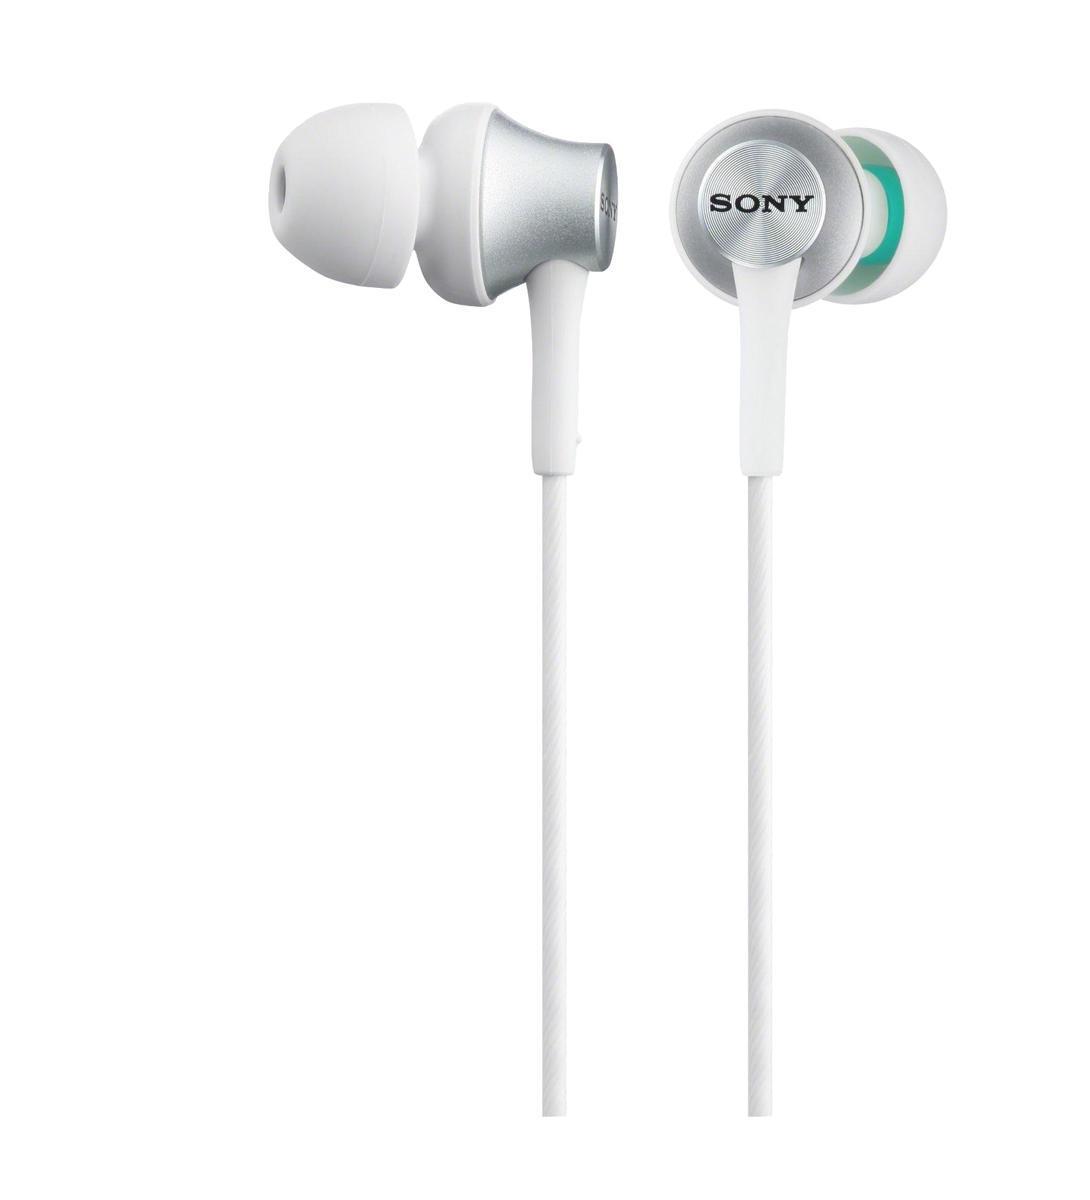 Sony MDR-EX450, White наушникиMDR-EX450 WhiteSony MDR-EX450H - легкие наушники-вкладыши с 12-мм мембранами, которые позволяют слушать музыку с чистым, четким звуком. 12-мм динамик обеспечивает кристальную чистоту звука. Чувствительность звучания 103 дБ/мВт и широкий диапазон частот 5-25000 Гц позволяют точно воспроизводить высокие и низкие частоты независимо от громкости. Шнур длиной 1,2 м позволяет слушать музыку без путающихся проводов. Плотно сидящие наушники отражают звуковые волны, создавая резонирующий звук. Компактный дизайн придает наушникам скромный и элегантный внешний вид. Для максимального комфорта в комплекте с наушниками идут мягкие силиконовые вкладыши четырех размеров (SS, S, M и L). Провод имеет регулируемую длину, позволяя настроить его так, как вам удобно.